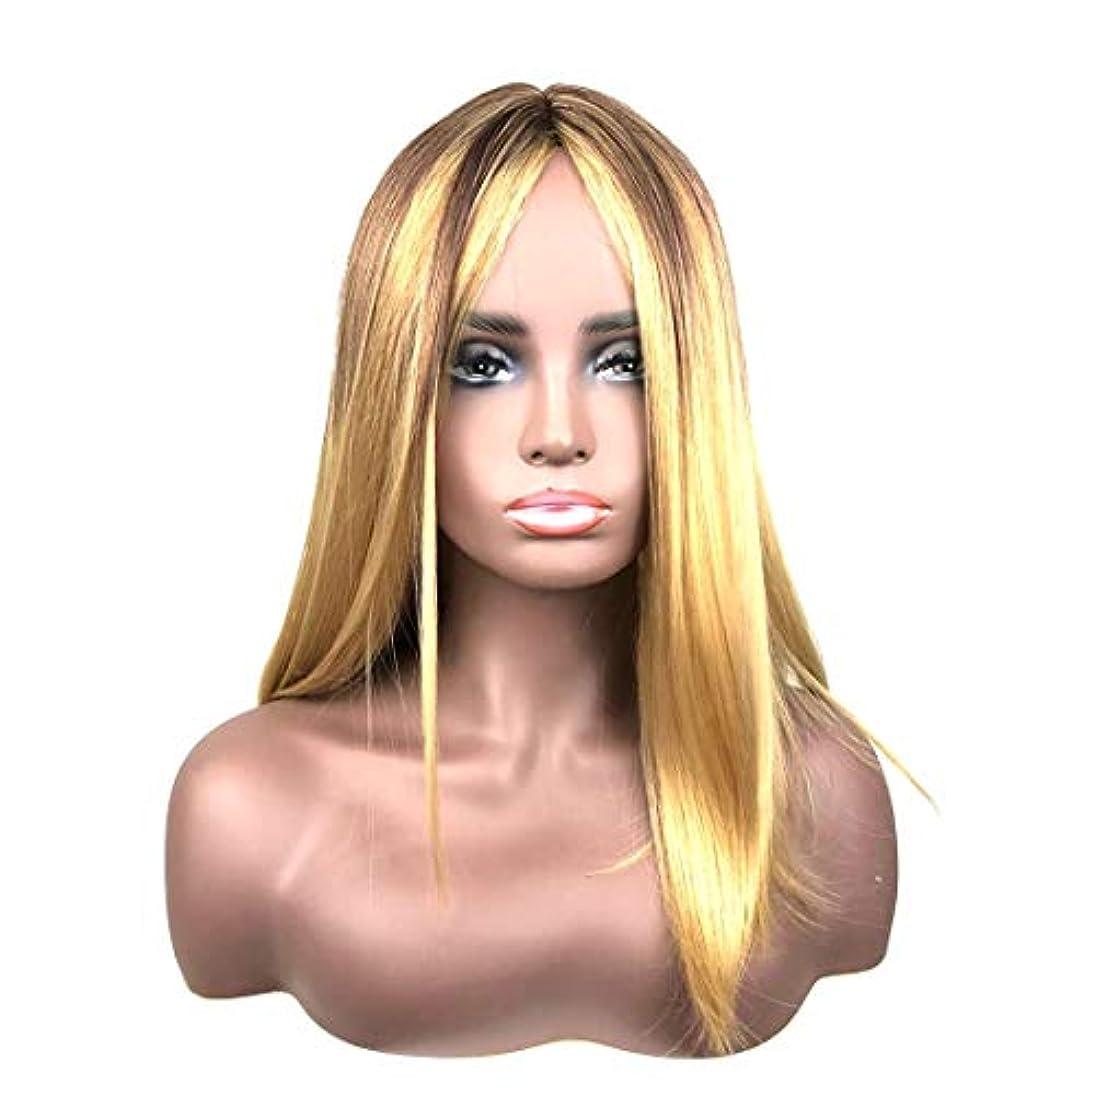 感染する航空機ガラスKerwinner 前髪合成耐熱性女性のヘアスタイルと短いふわふわボブ変態ストレートヘアウィッグ